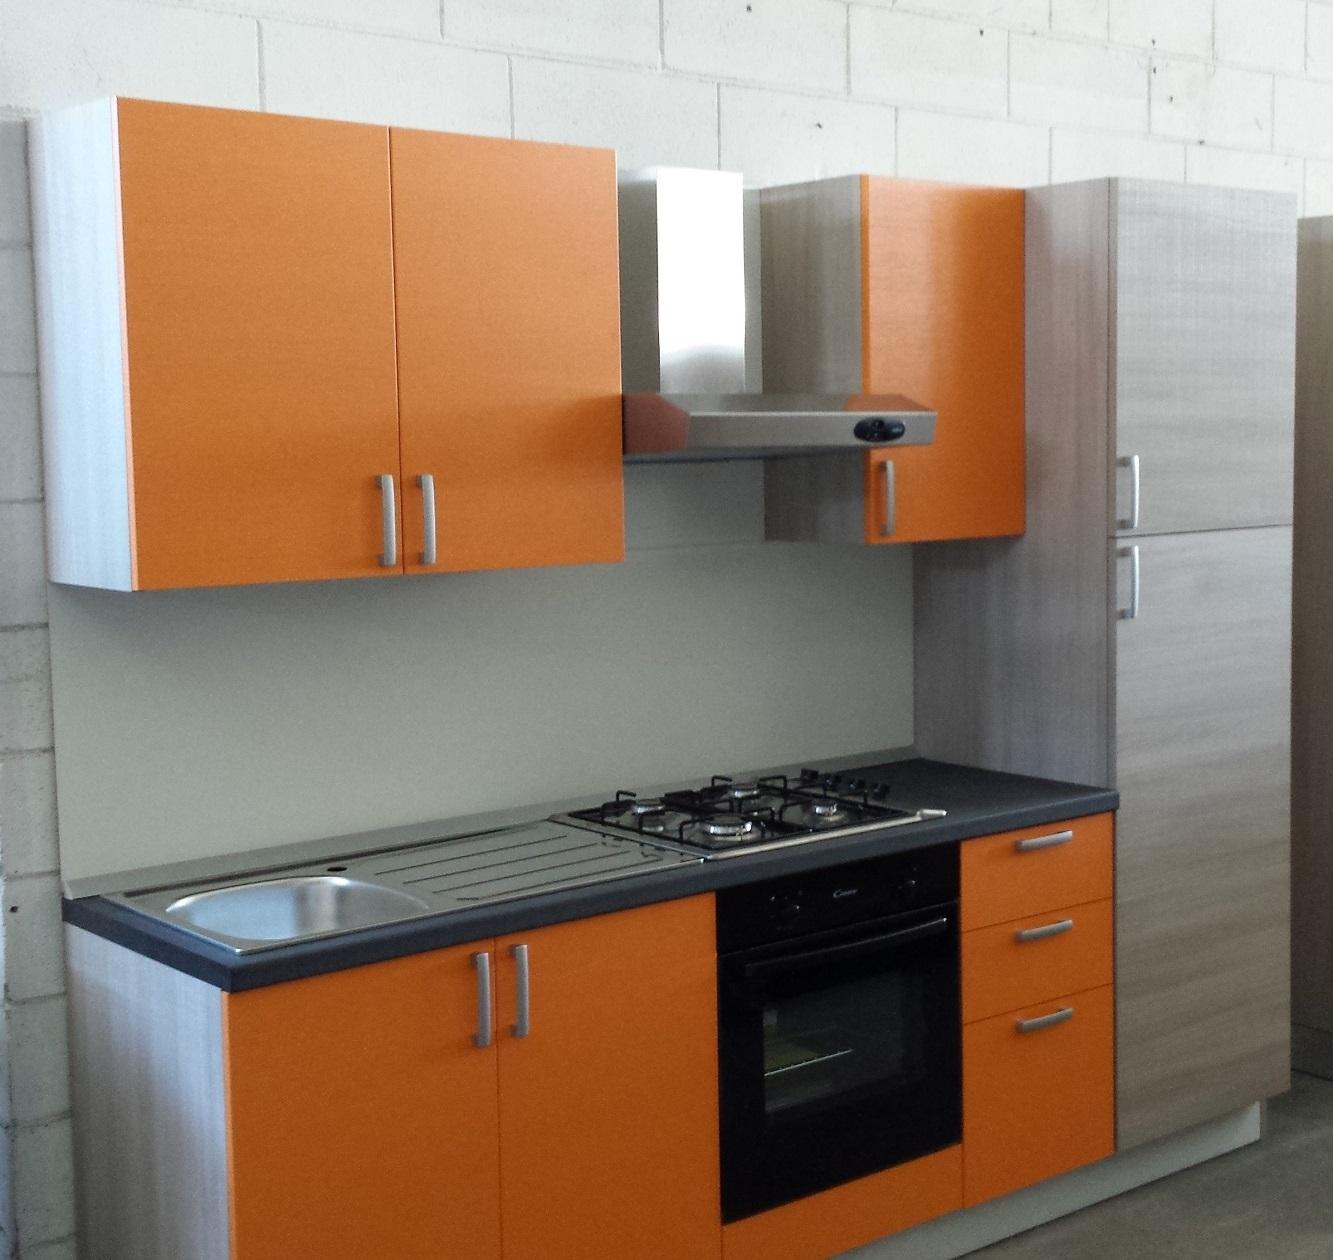 cucina promo moderna laminato materico cucine a prezzi